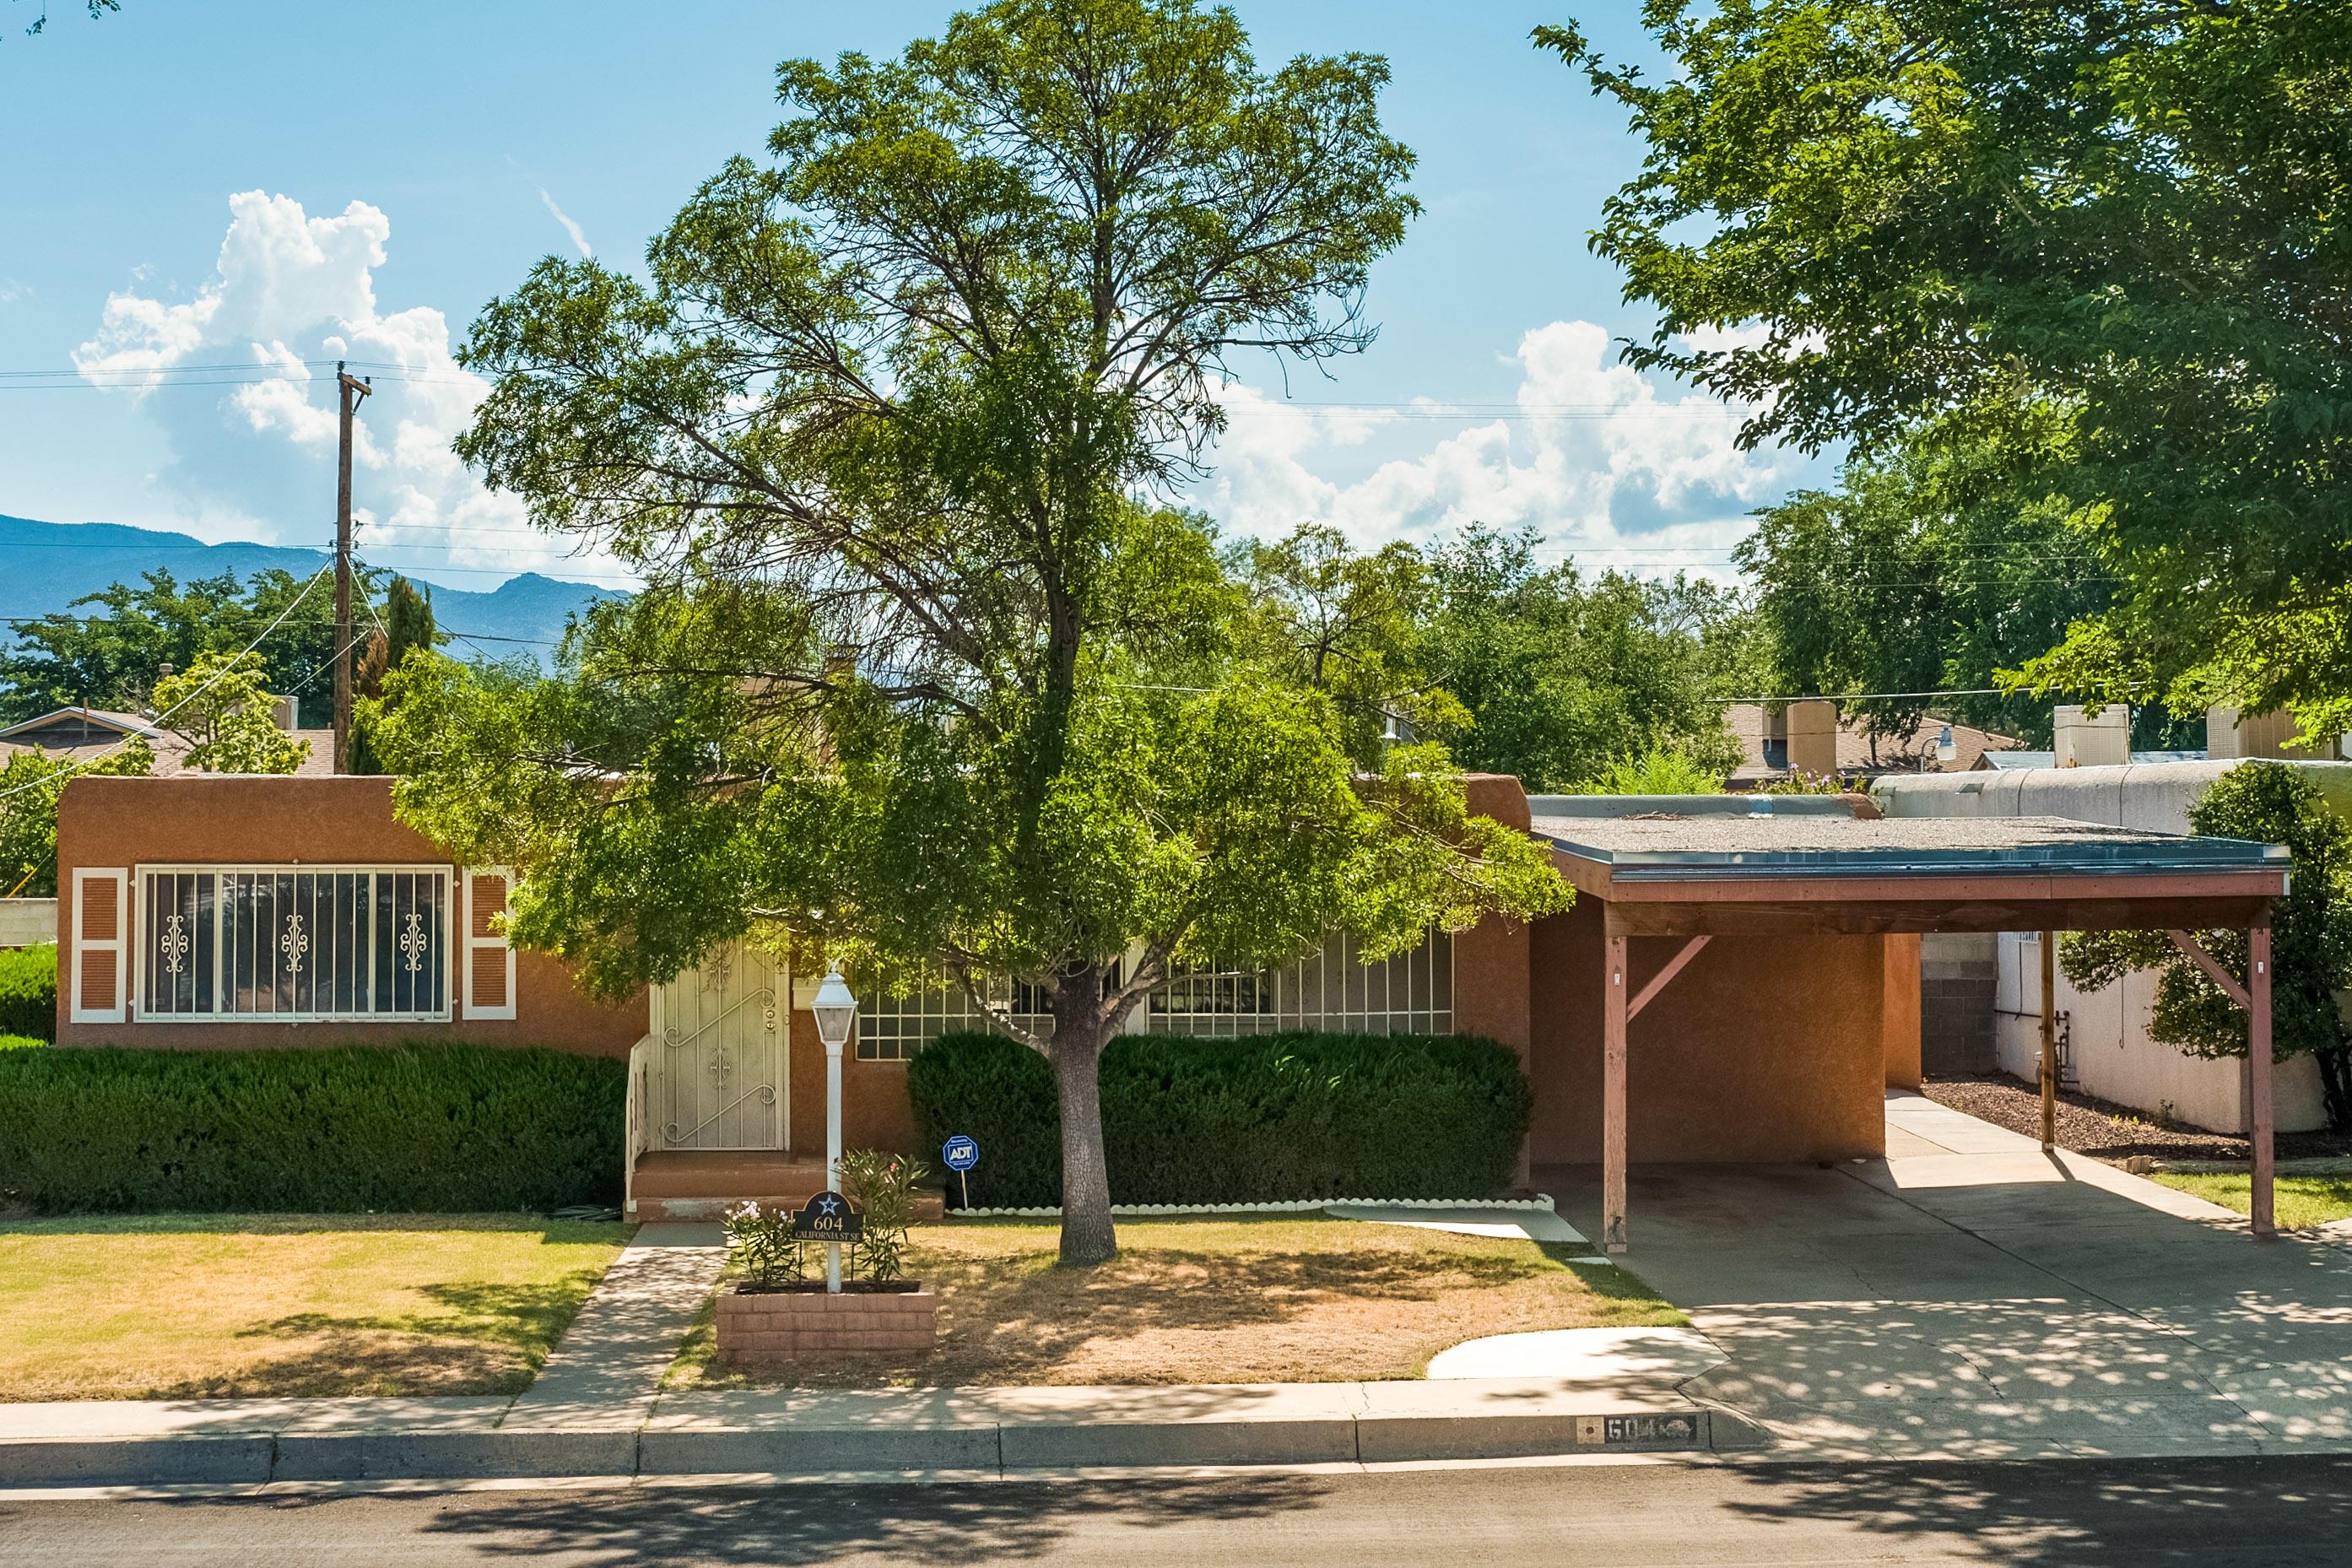 604 CALIFORNIA Street, Albuquerque NM 87108